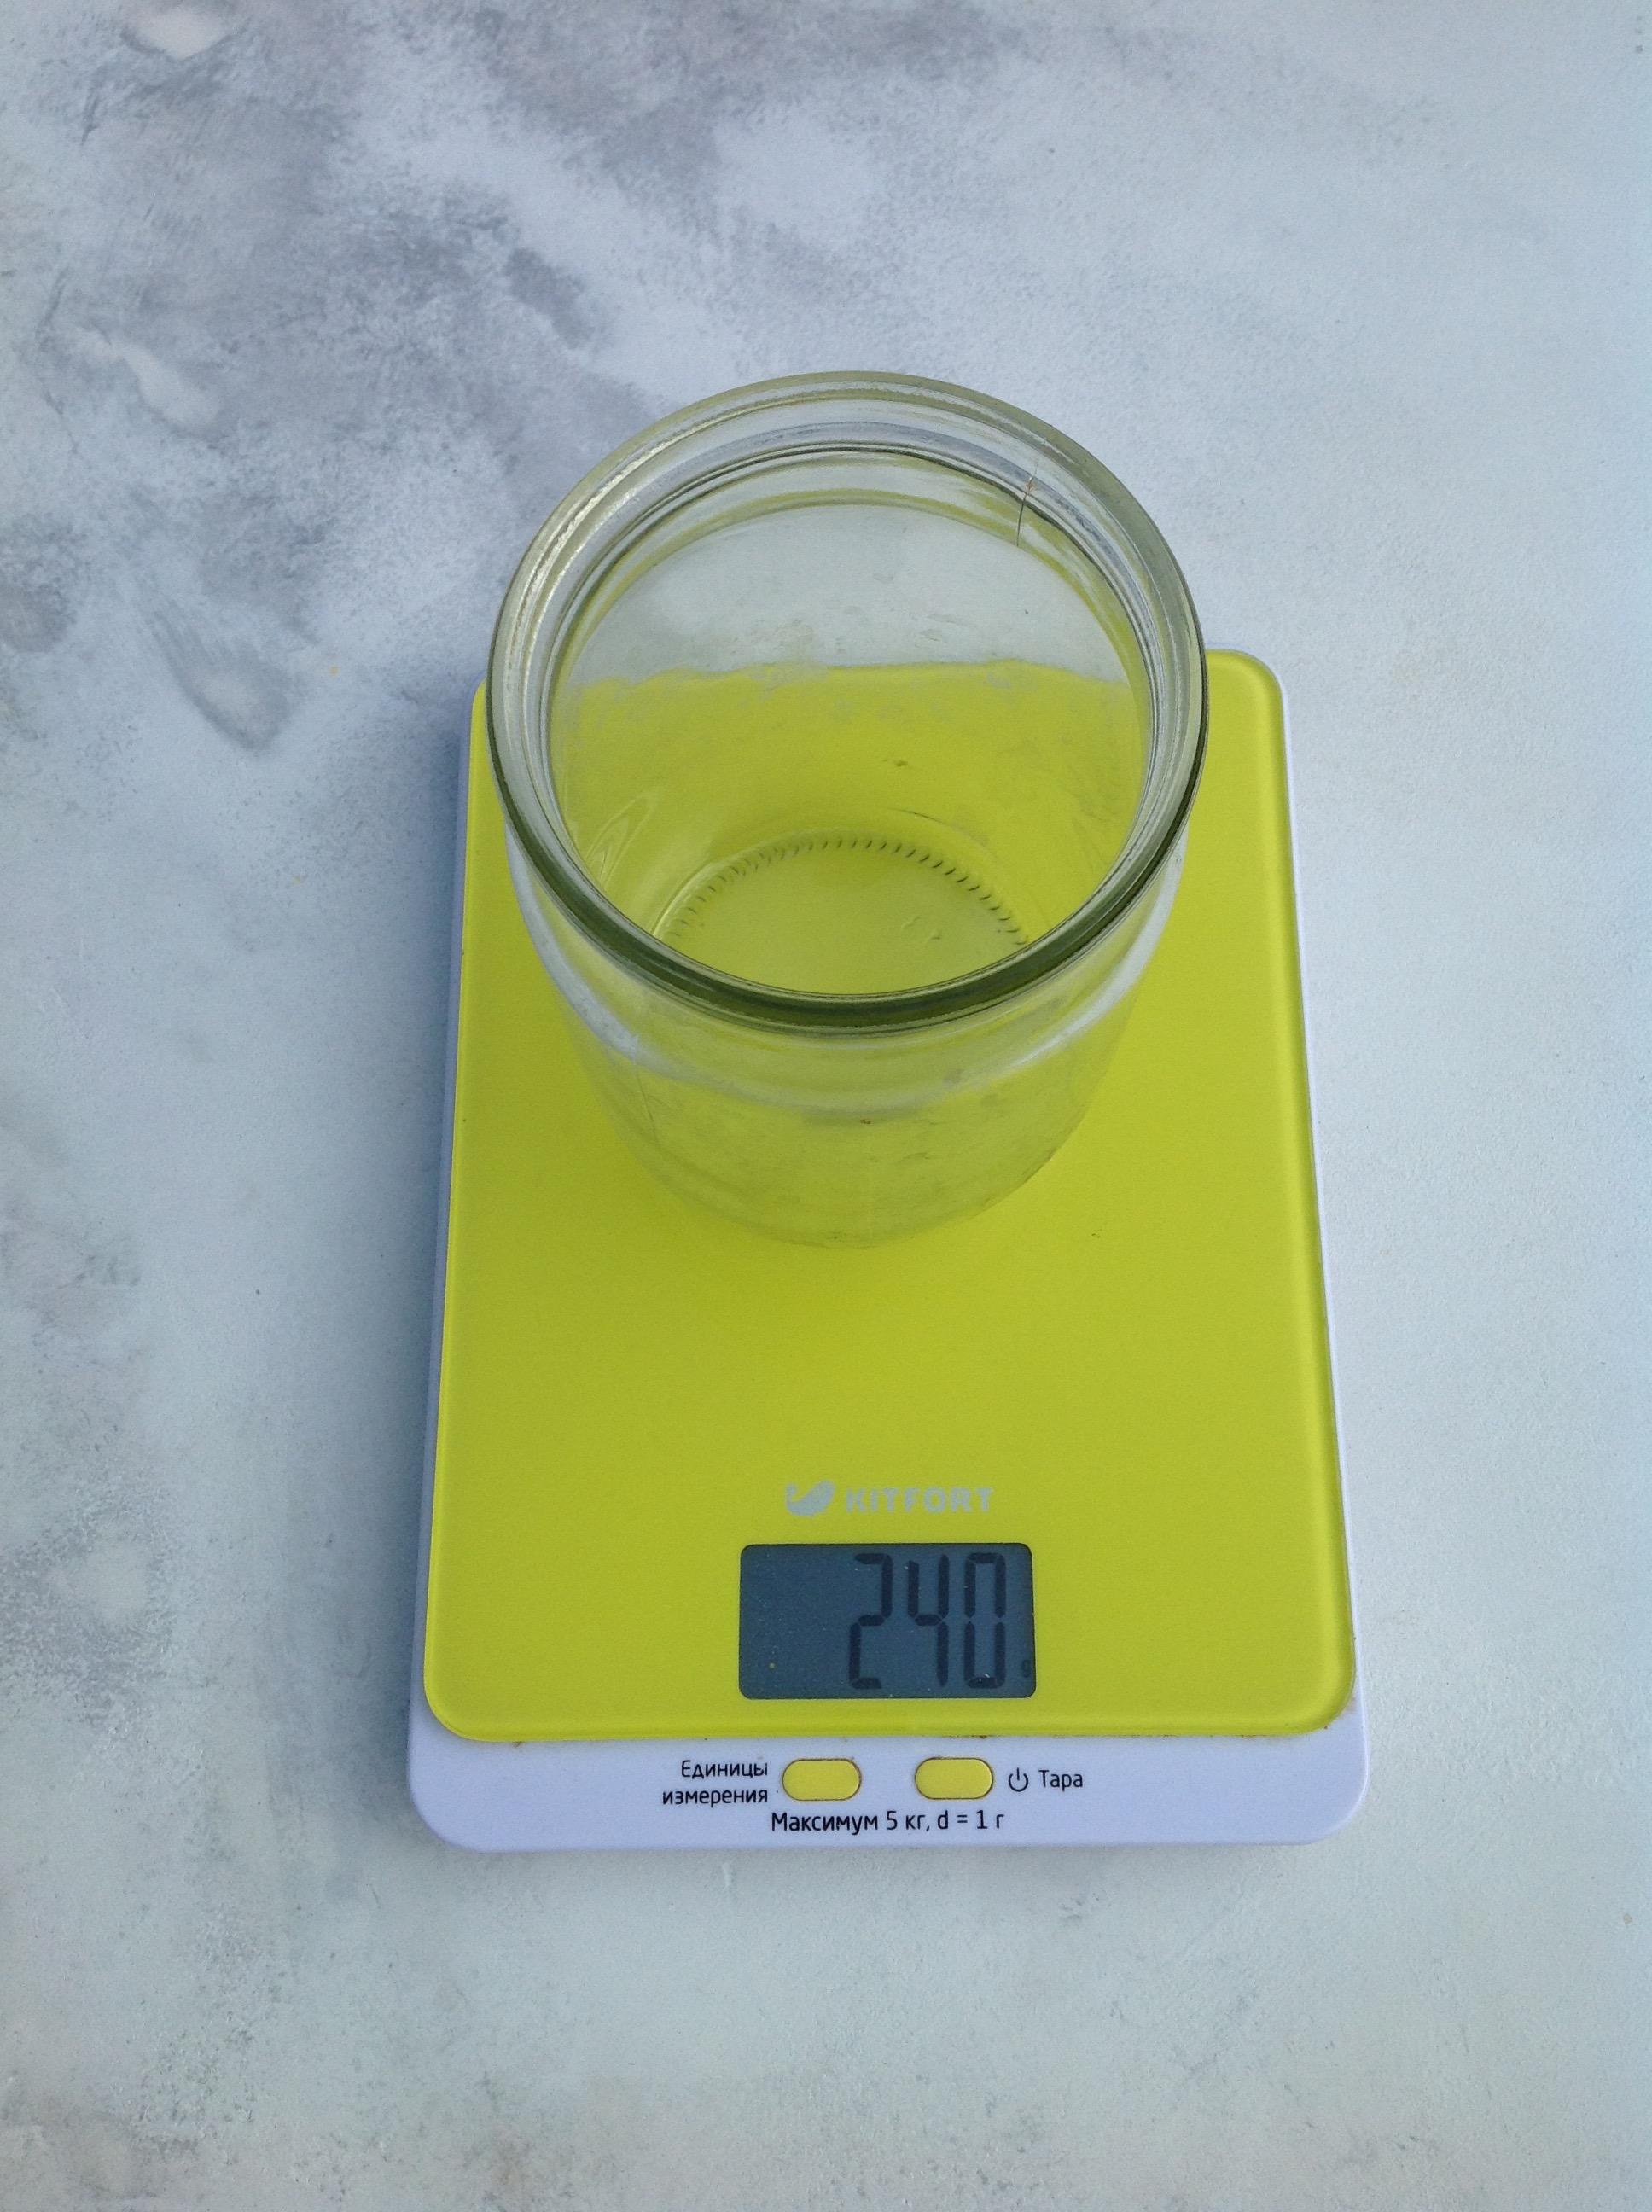 вес банки стеклянной 0,5 л